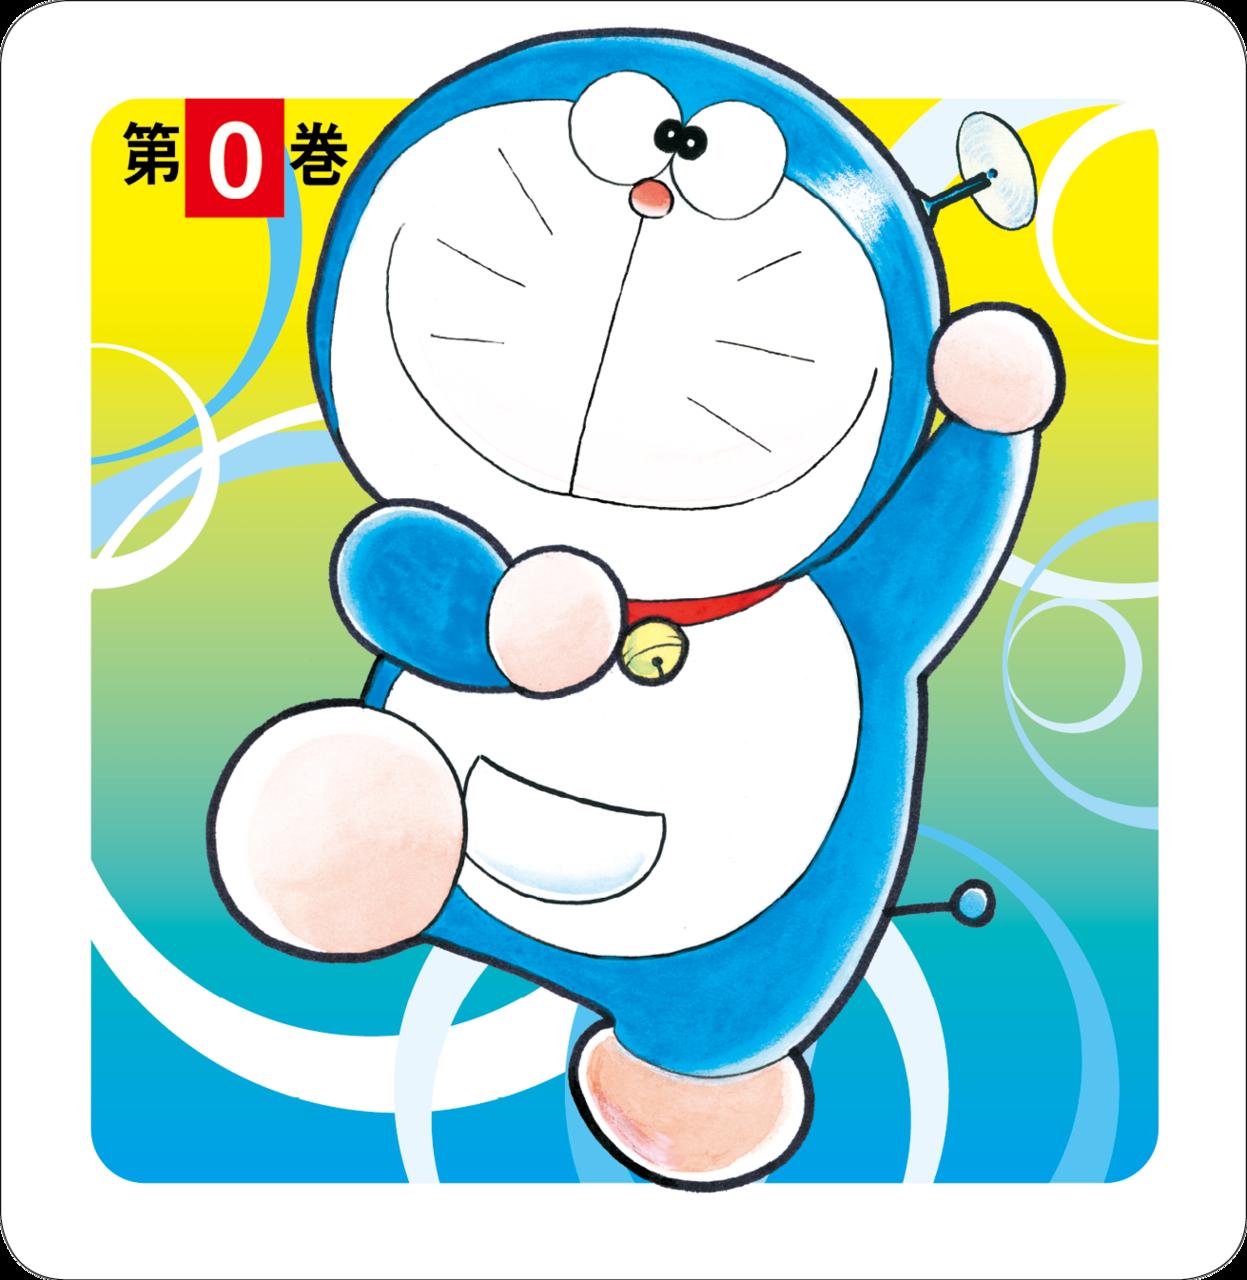 『ドラえもん』0巻が累計40万部突破! コミックス全巻重版&緊急書店フェア開催中♪